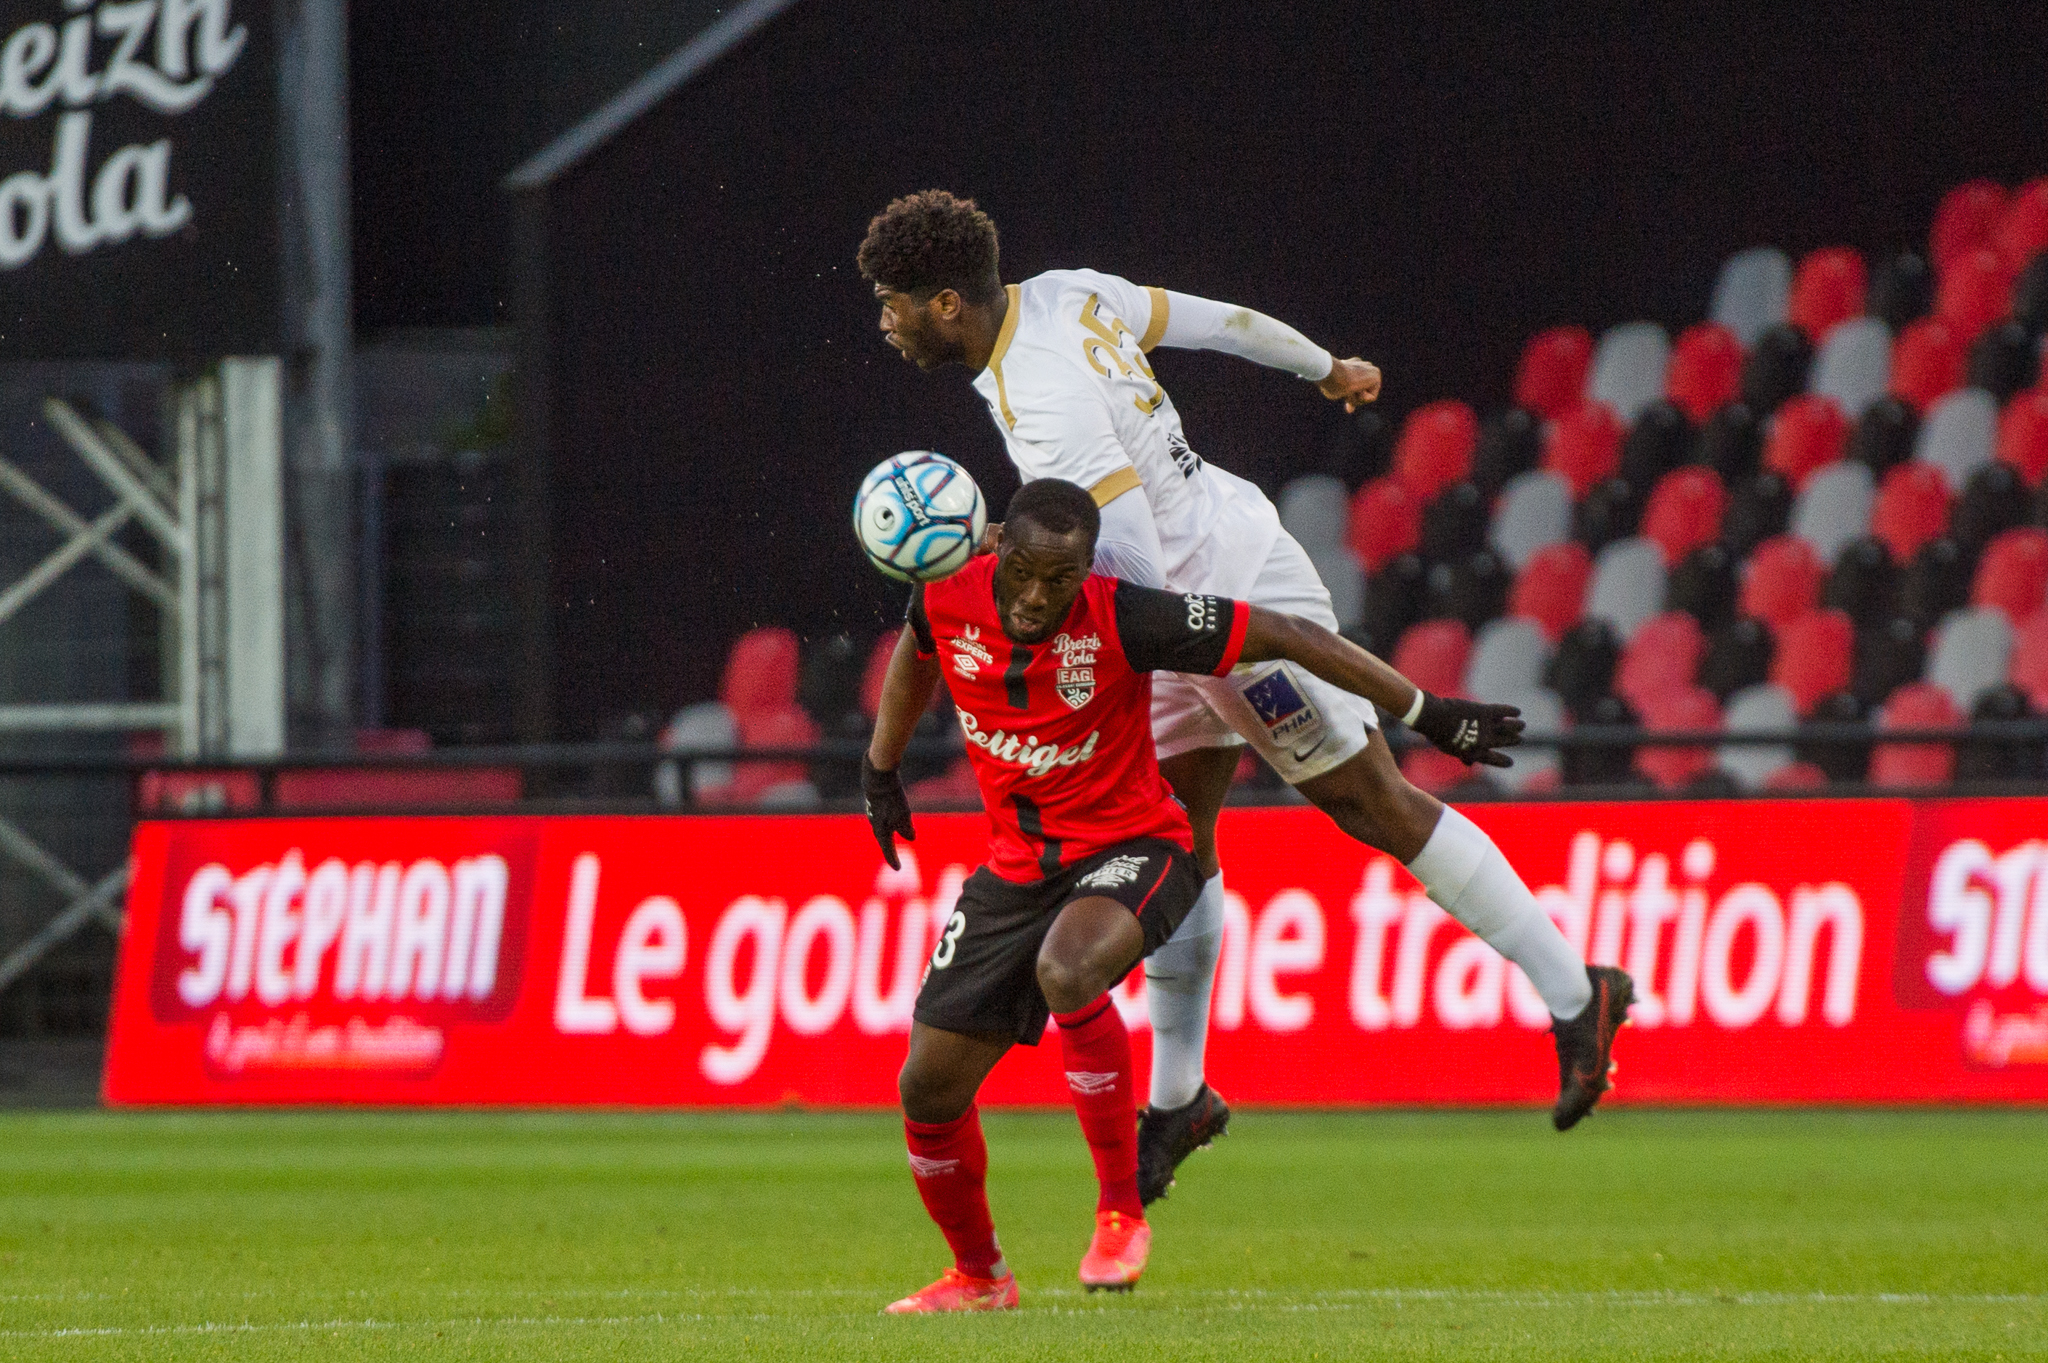 EA Guingamp La Berrichonne Châteauroux J37 Ligue 2 BKT EAGLBC 2-0 Stade de Roudourou FRA_5748